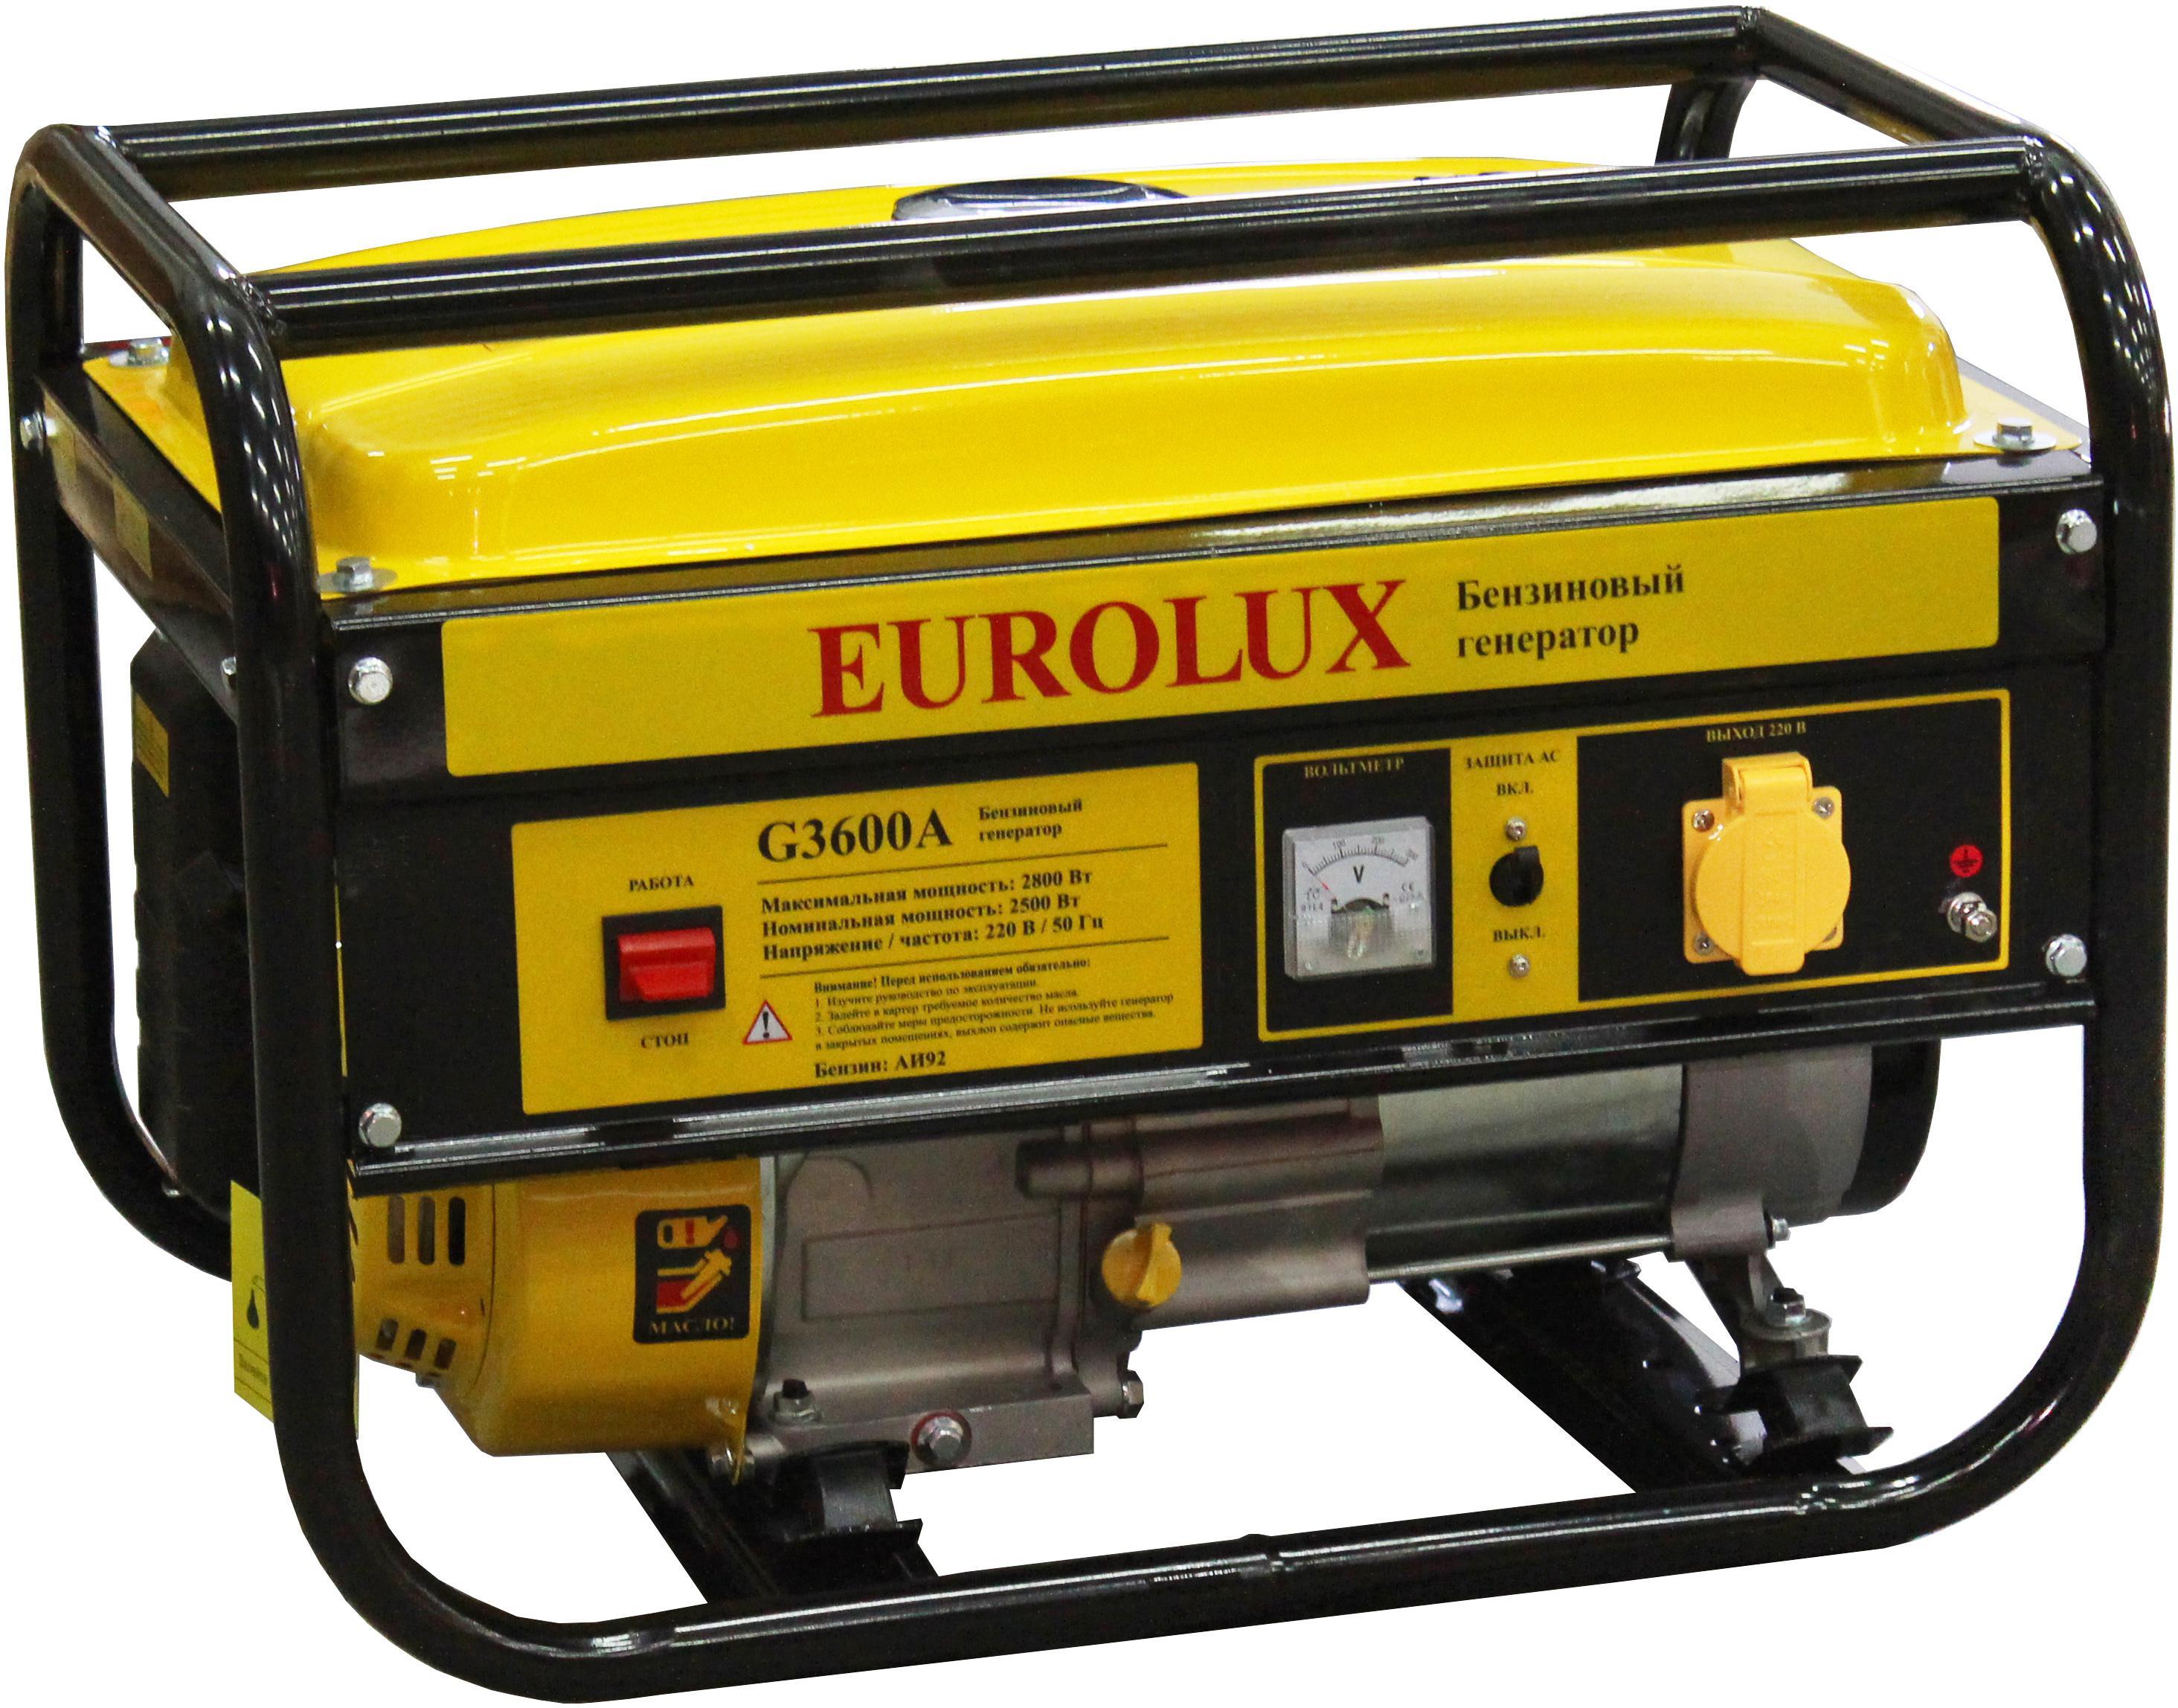 Генератор Eurolux G3600a генератор бензиновый eurolux g3600a